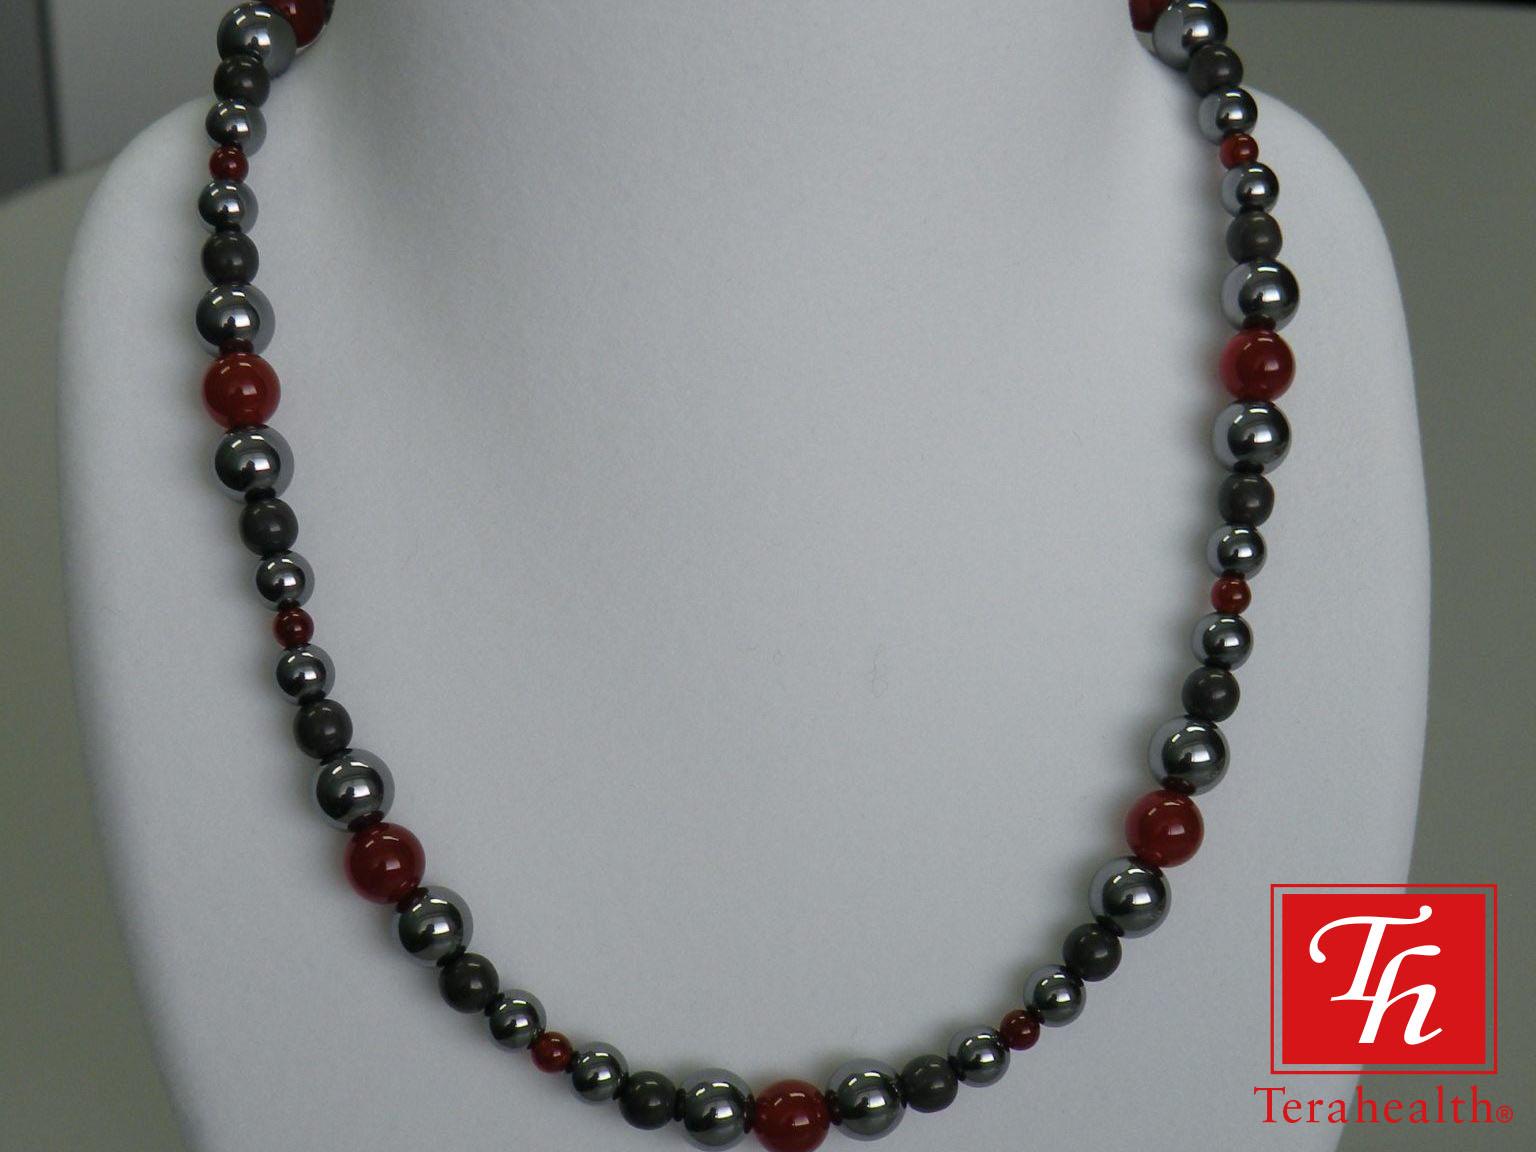 ポリシリコン珠を使ったネックレス 天然石とのコラボ